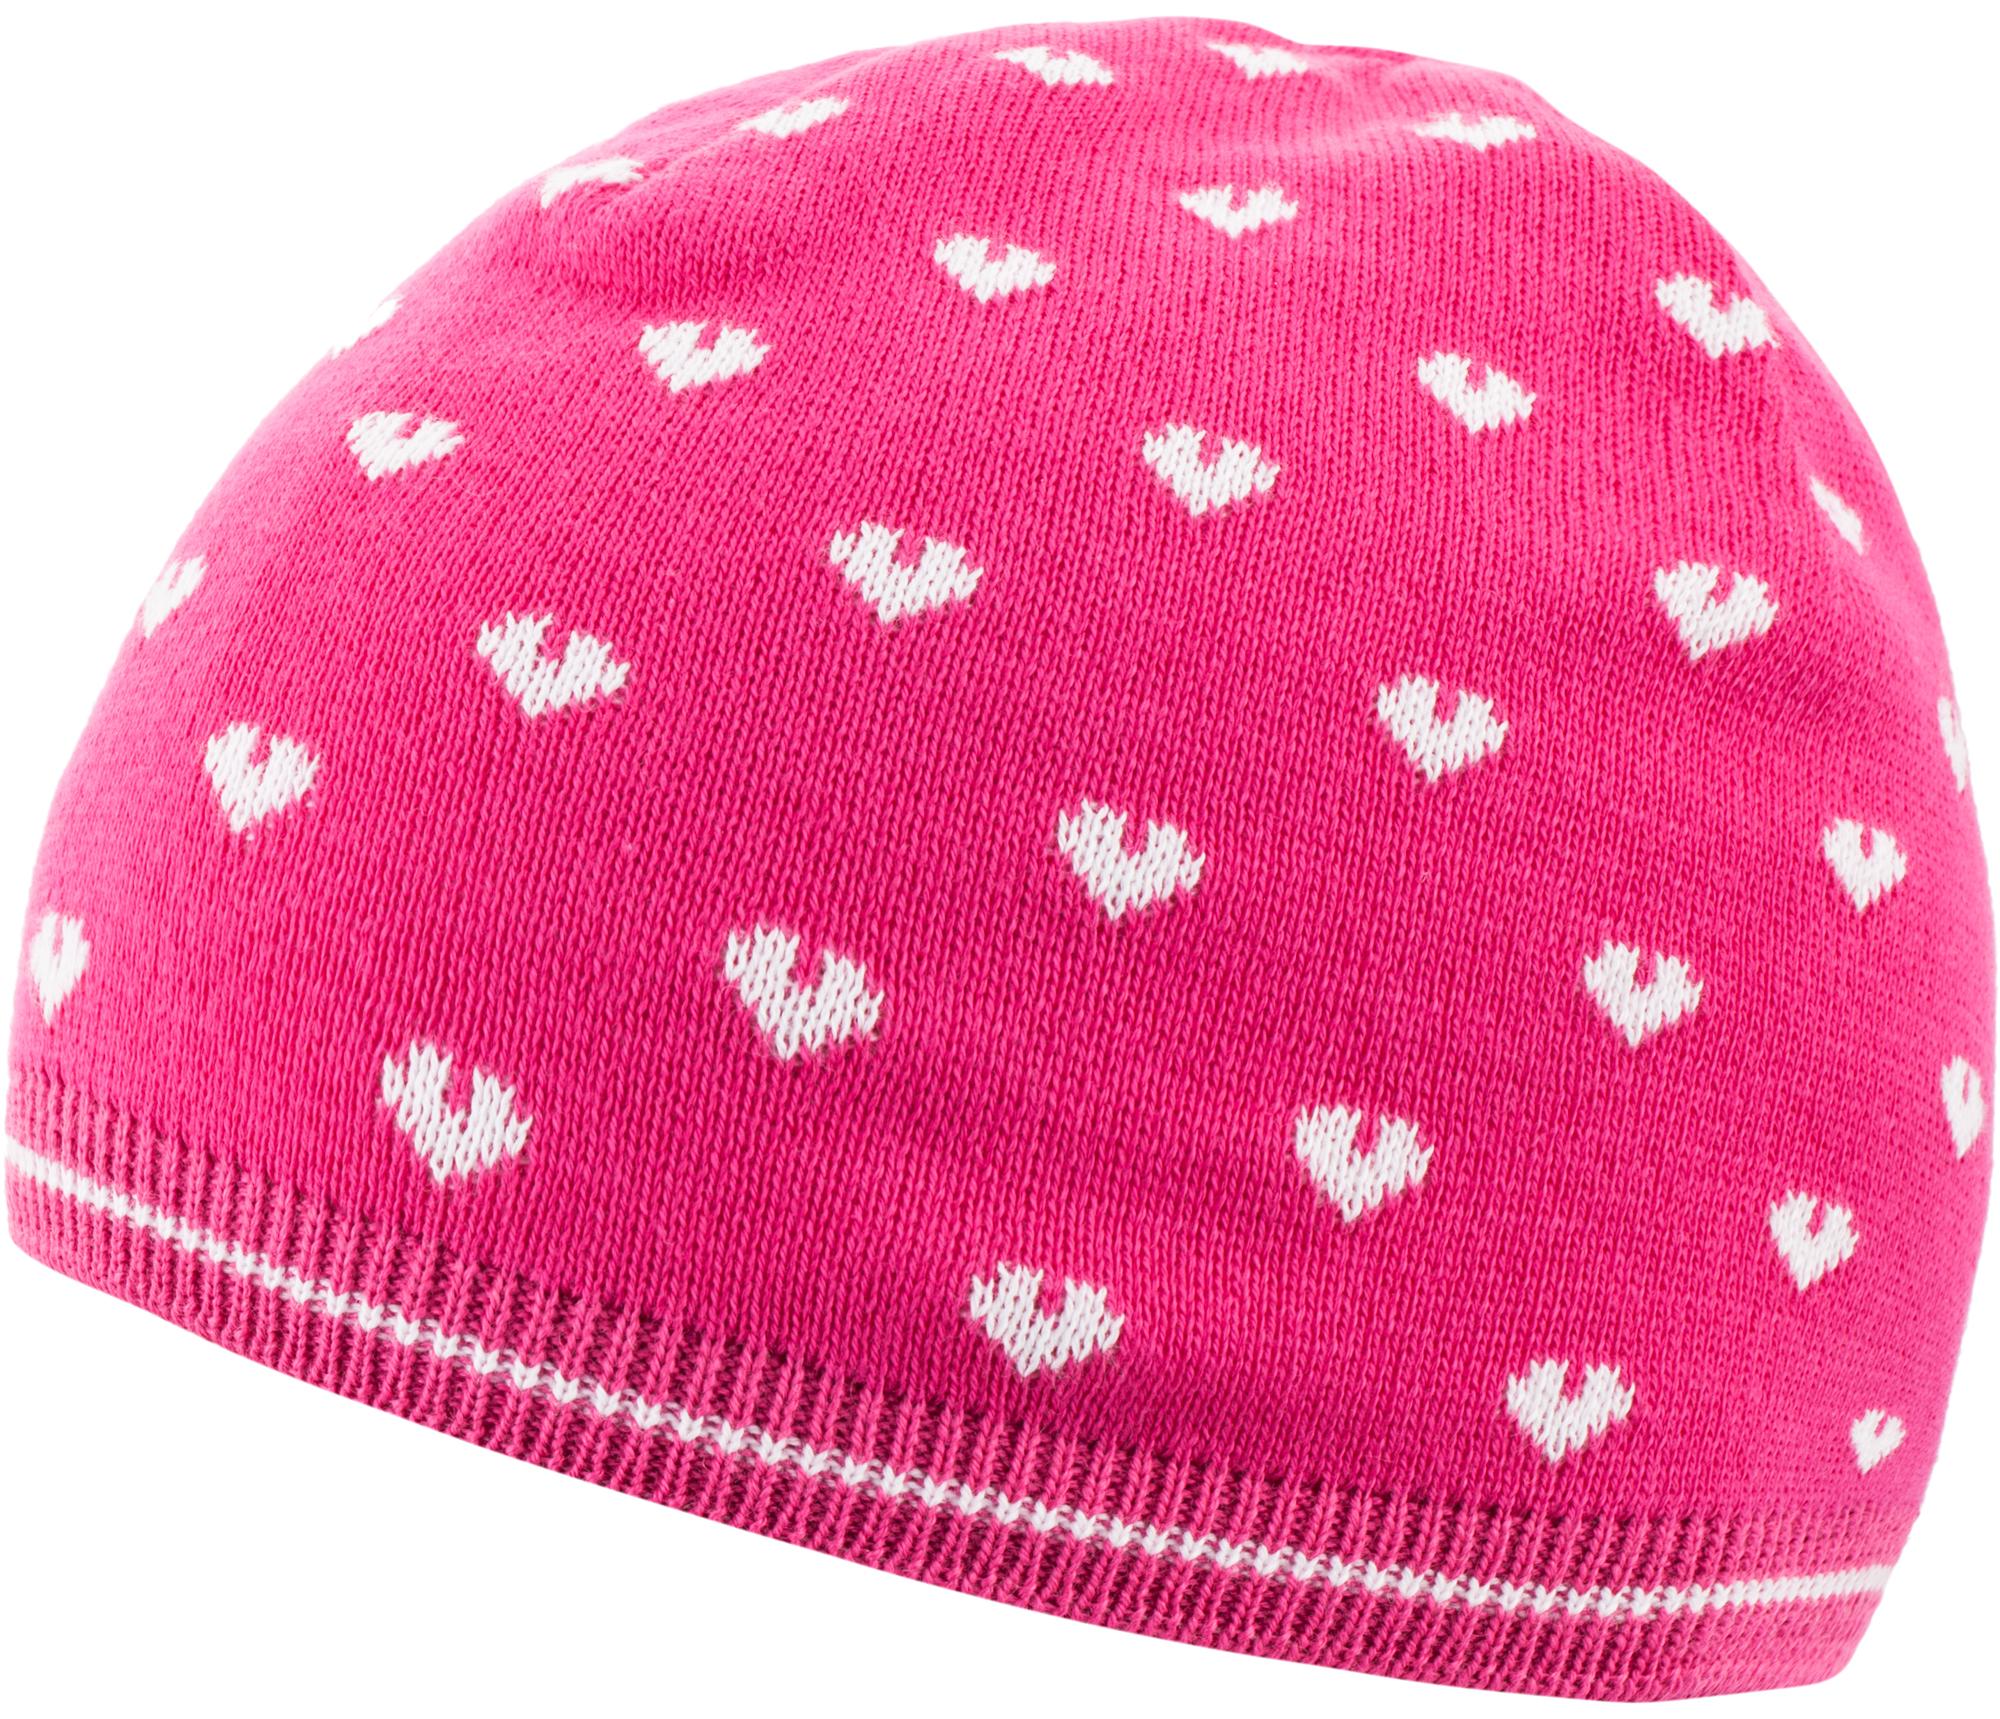 Satila Шапка для девочек Satila Cheri шапка вязаная для девочек satila surpy